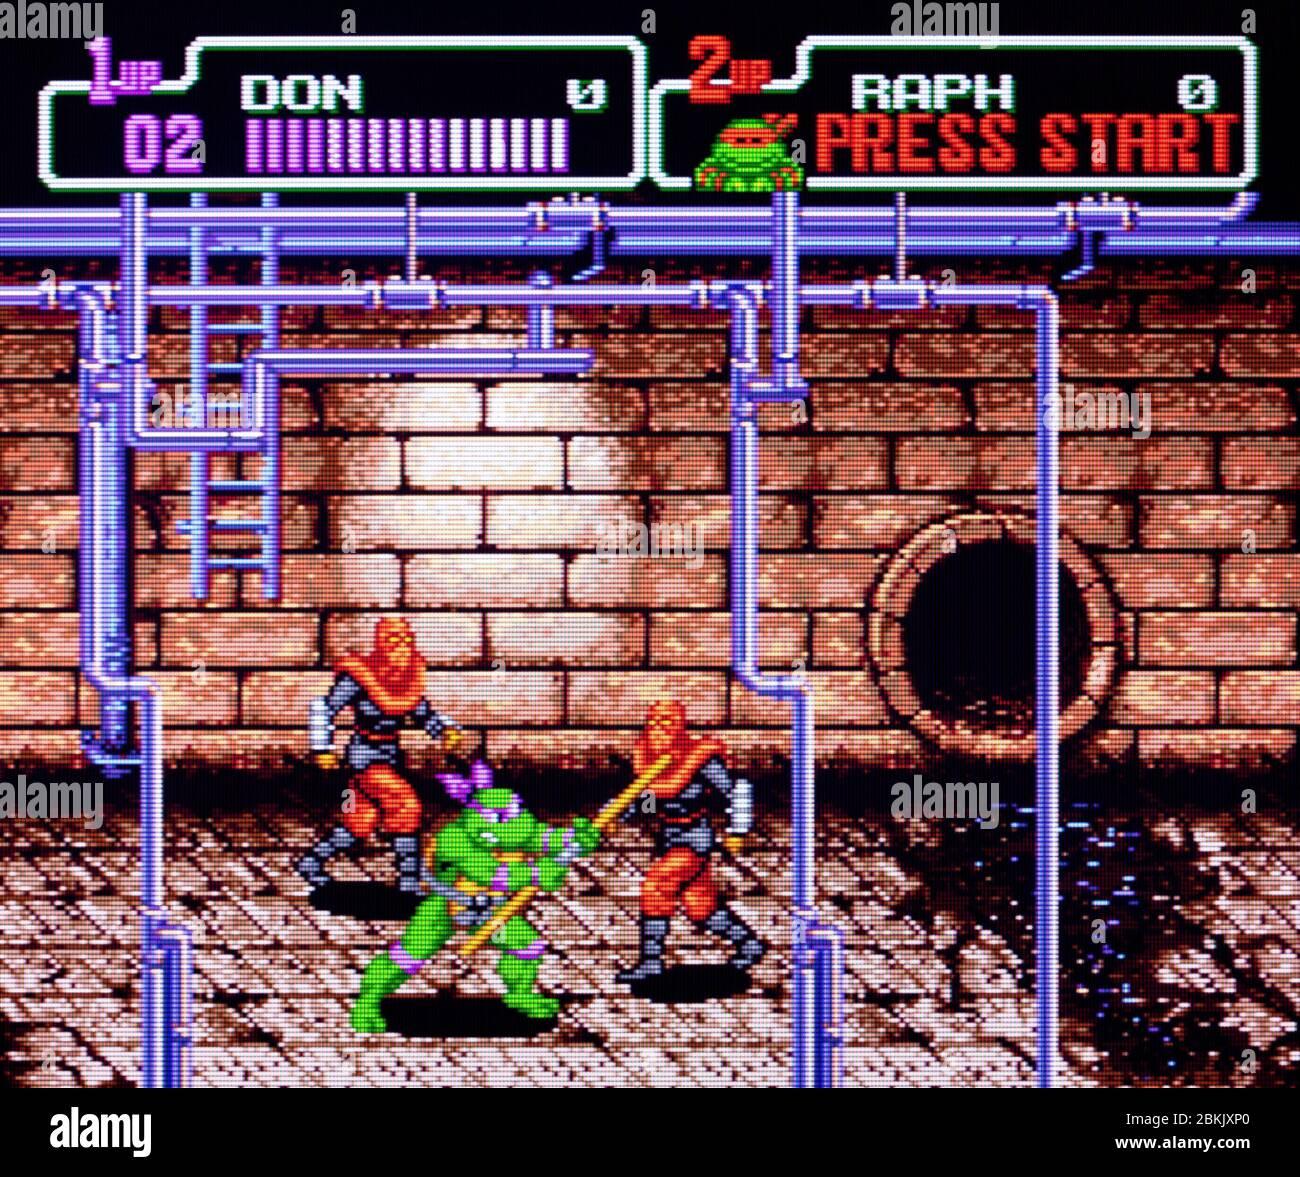 Teenage Mutant Ninja Turtles The Hyperstone Heist Sega Genesis Mega Drive Editorial Use Only Stock Photo Alamy